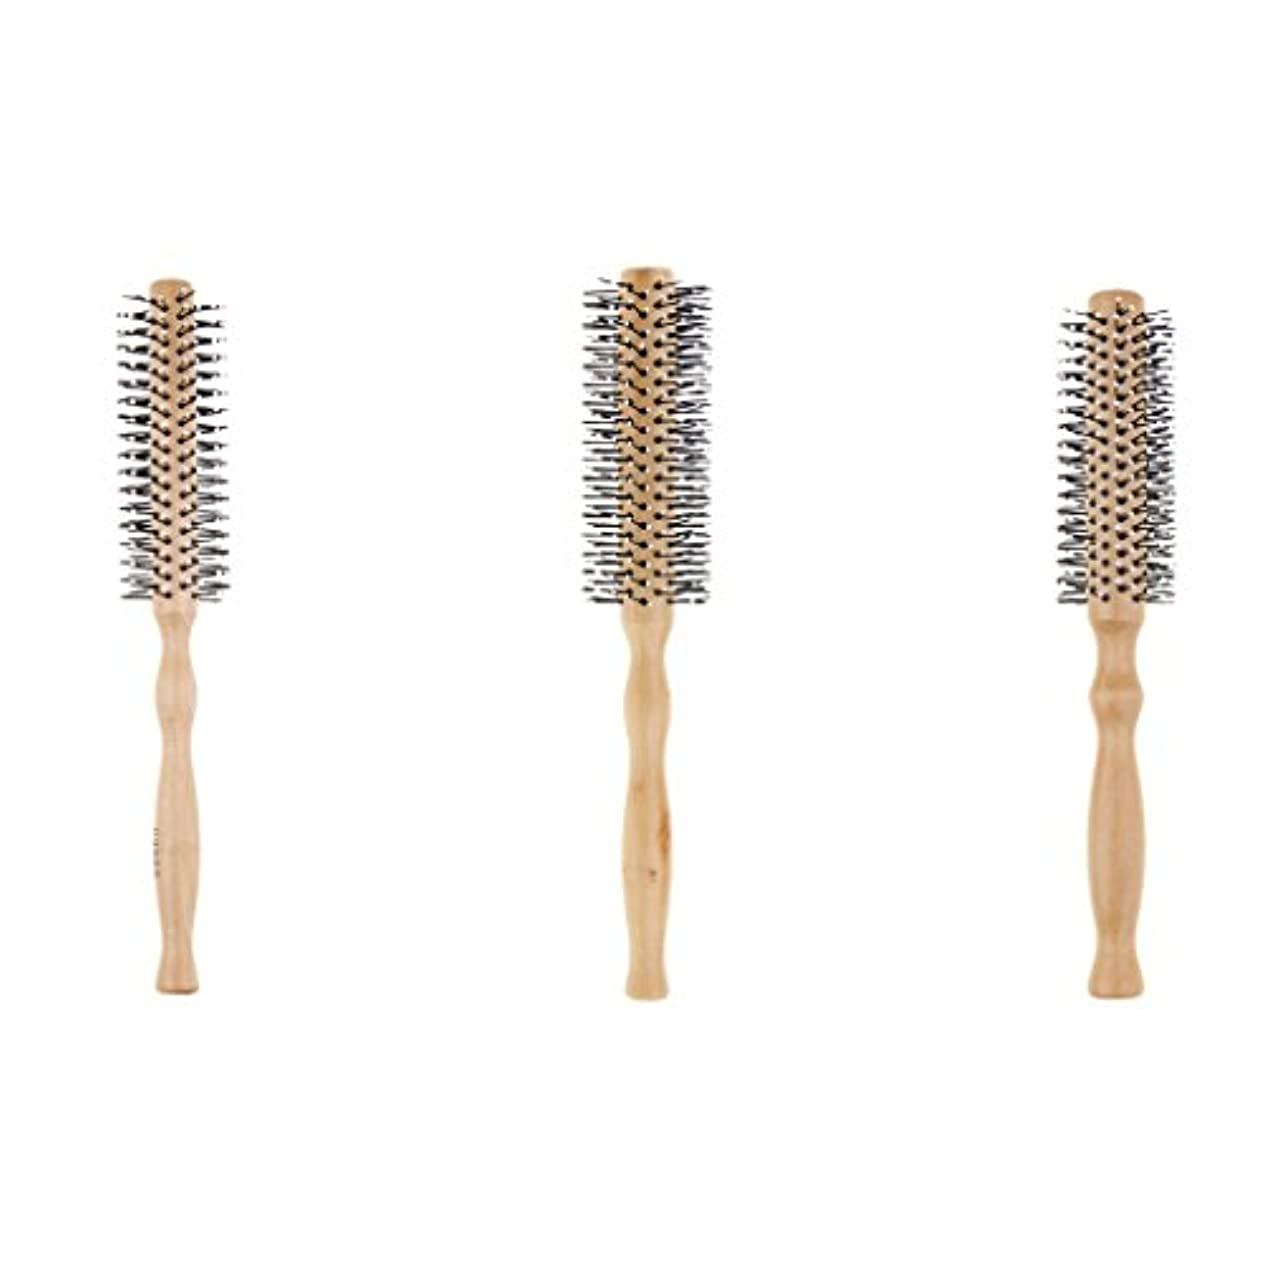 特性病的肌F Fityle 3本 木製櫛 ラウンドヘアブラシ ヘアケアブラシ 波状 カーリング